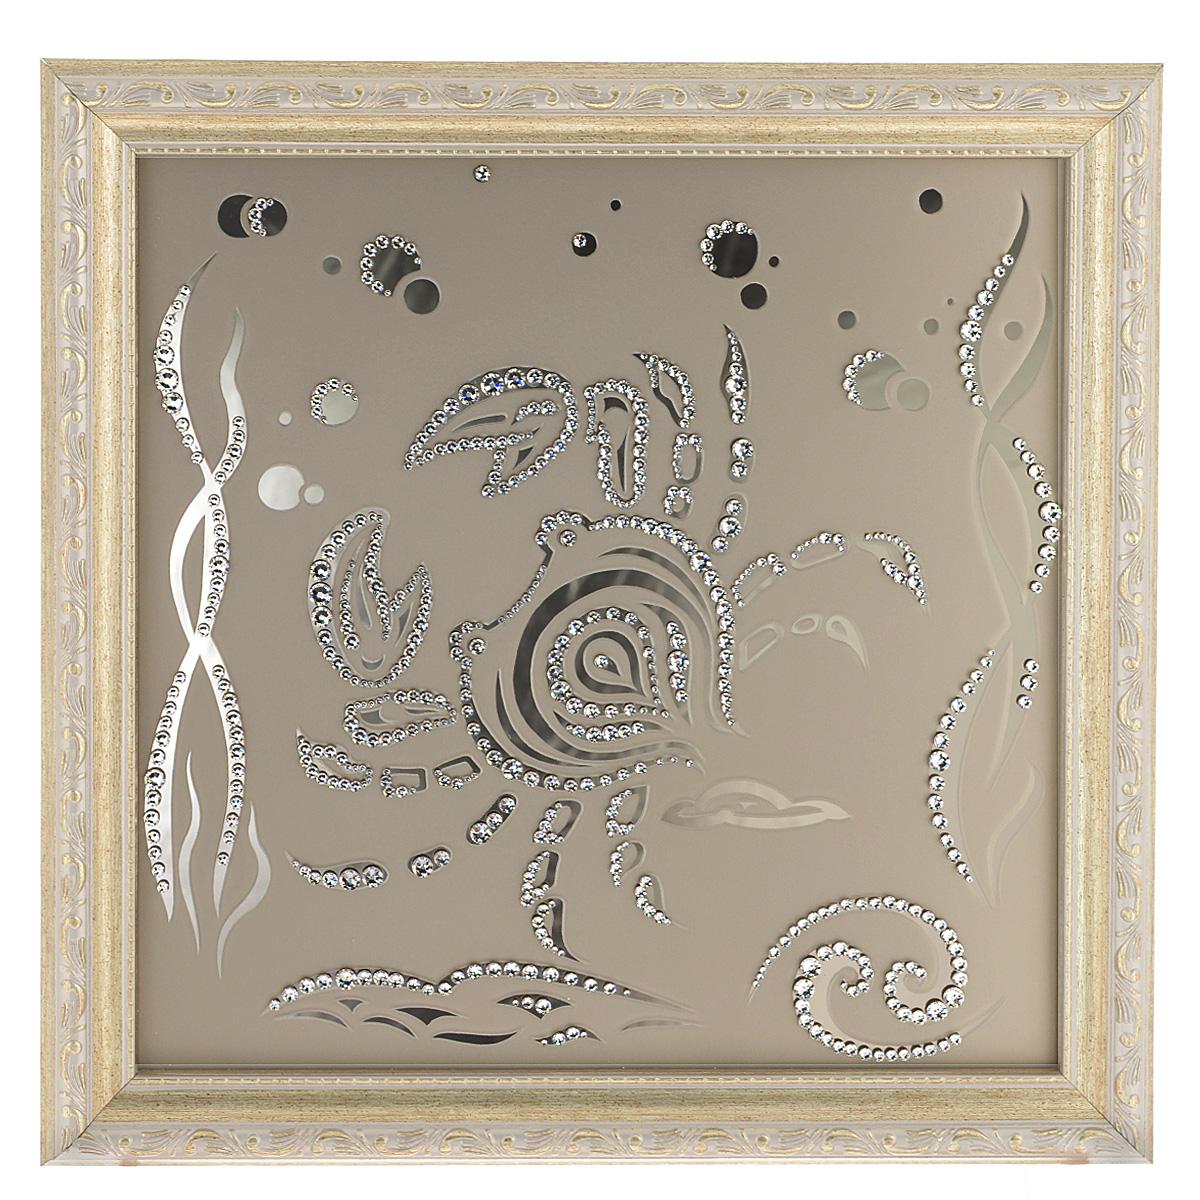 Картина с кристаллами Swarovski Знак зодиака. Рак, 35 х 35 см1133Изящная картина в багетной раме Знак зодиака. Рак инкрустирована кристаллами Swarovski, которые отличаются четкой и ровной огранкой, ярким блеском и чистотой цвета. Идеально подобранная палитра кристаллов прекрасно дополняет картину. С задней стороны изделие оснащено проволокой для размещения на стене. Картина с кристаллами Swarovski элегантно украсит интерьер дома, а также станет прекрасным подарком, который обязательно понравится получателю. Блеск кристаллов в интерьере - что может быть сказочнее и удивительнее. Изделие упаковано в подарочную картонную коробку синего цвета и комплектуется сертификатом соответствия Swarovski.